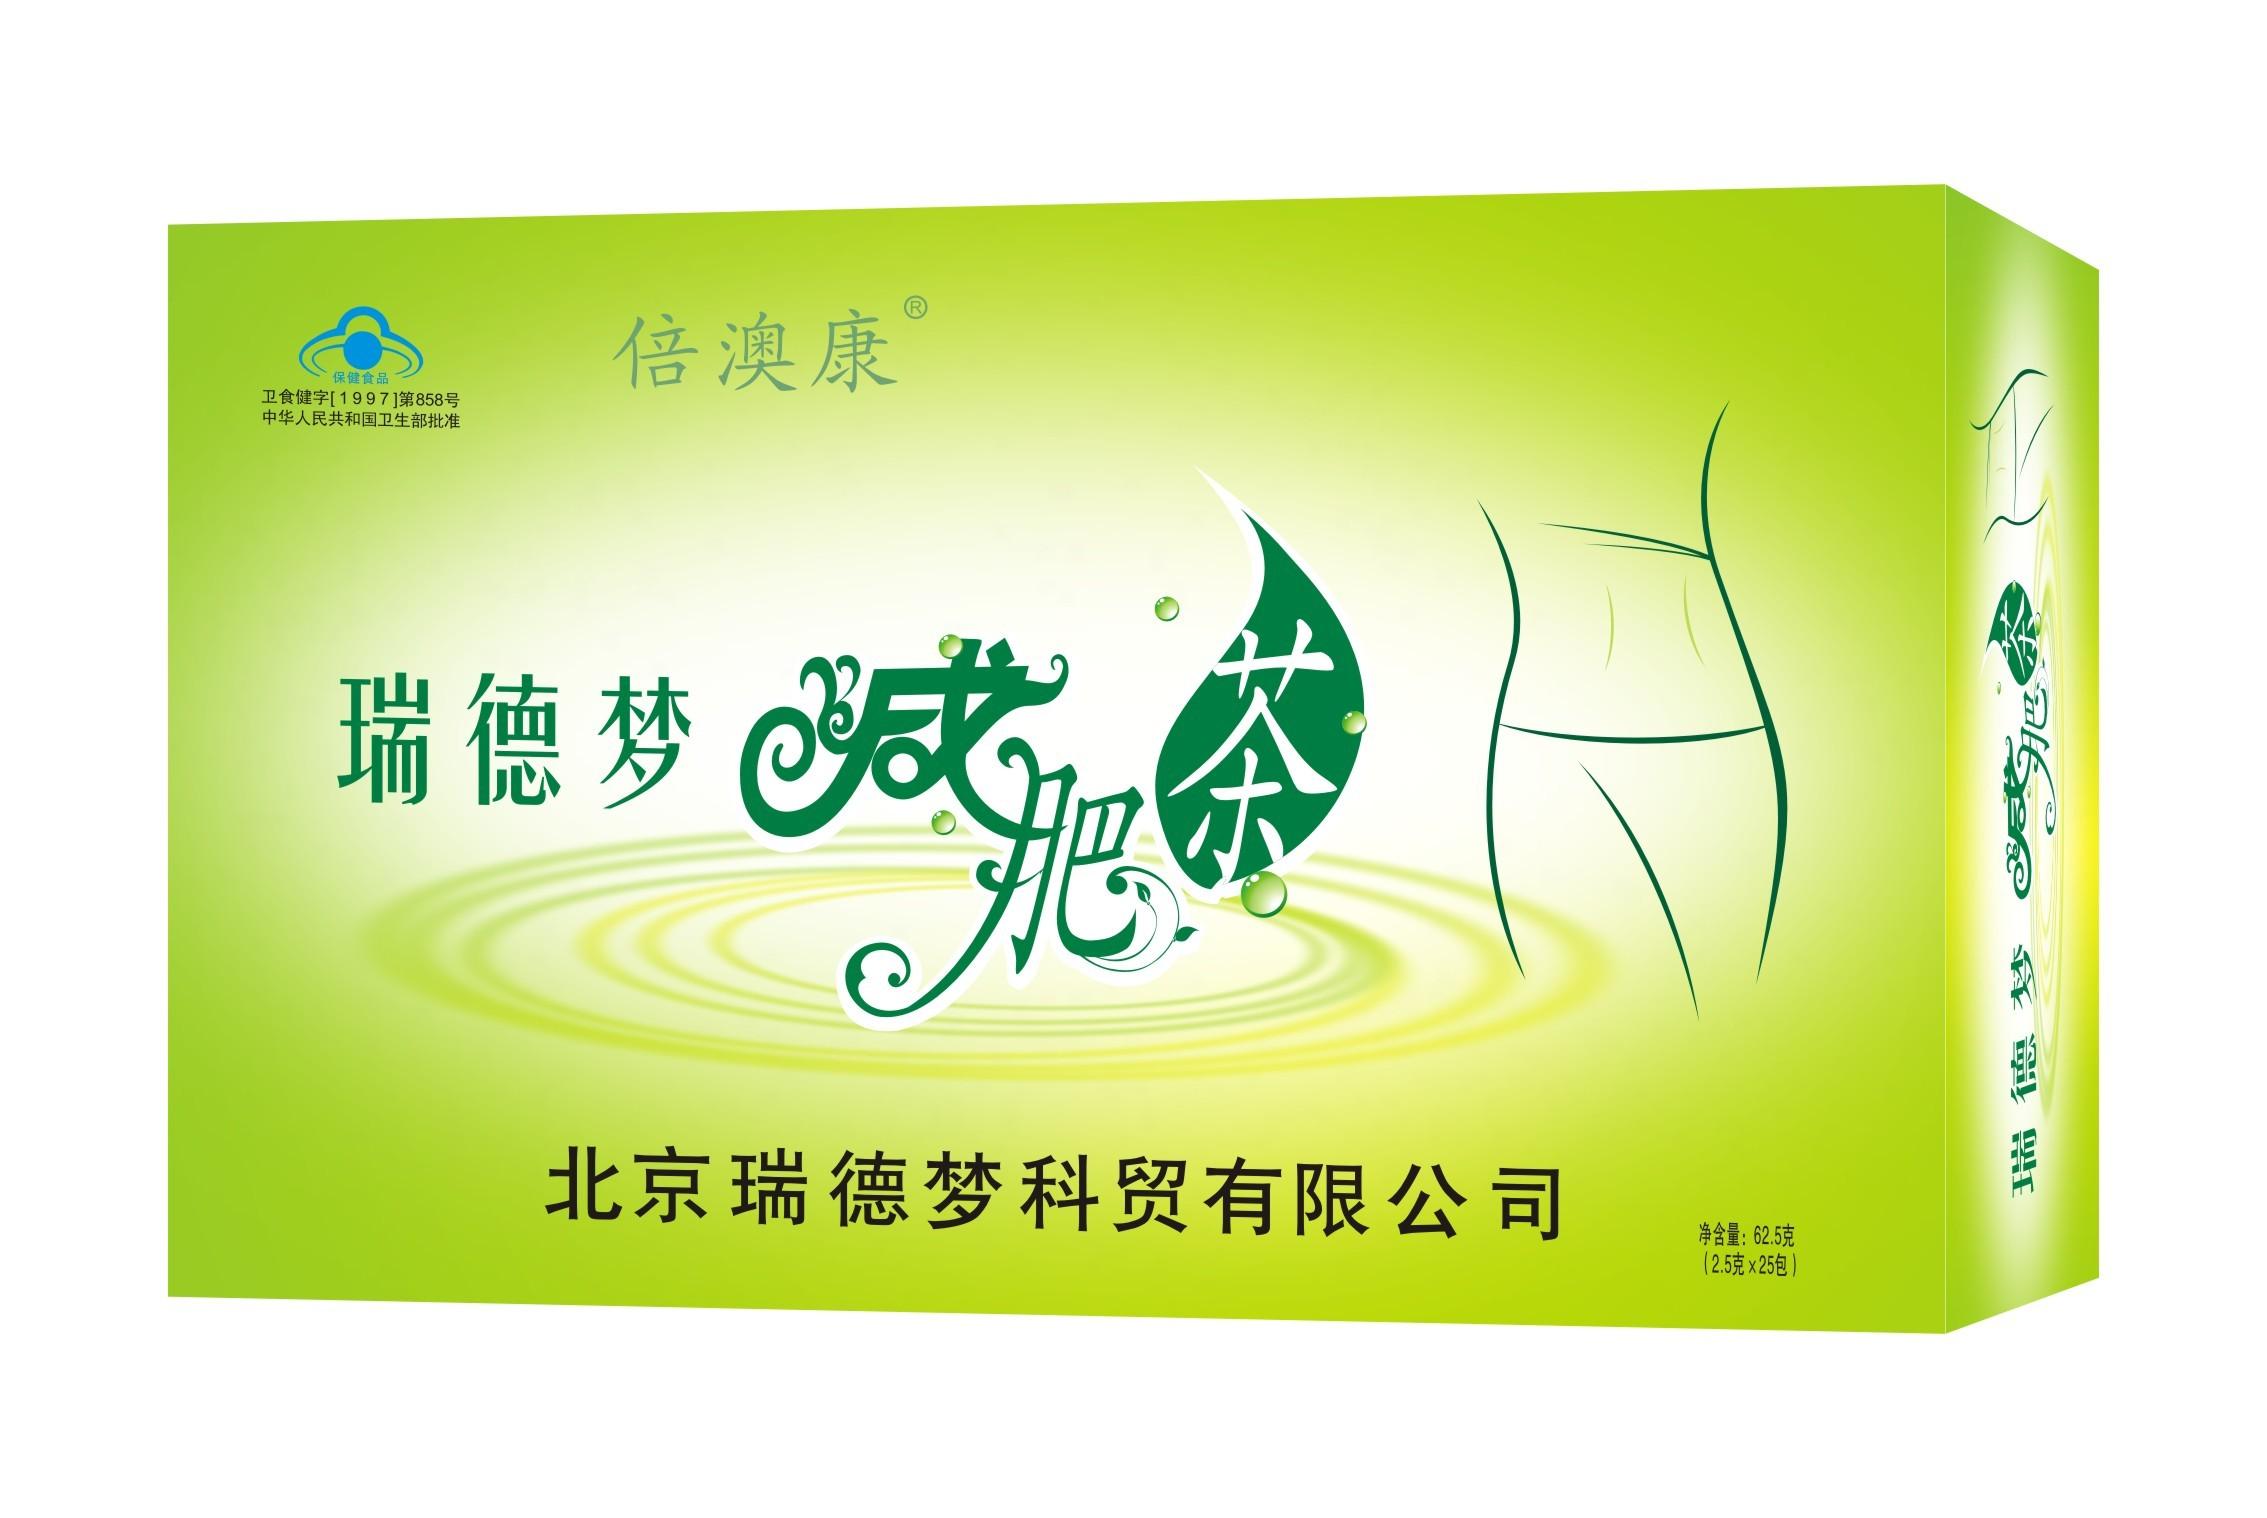 倍澳康 瑞德梦减肥茶 2.5g/袋*25袋/盒